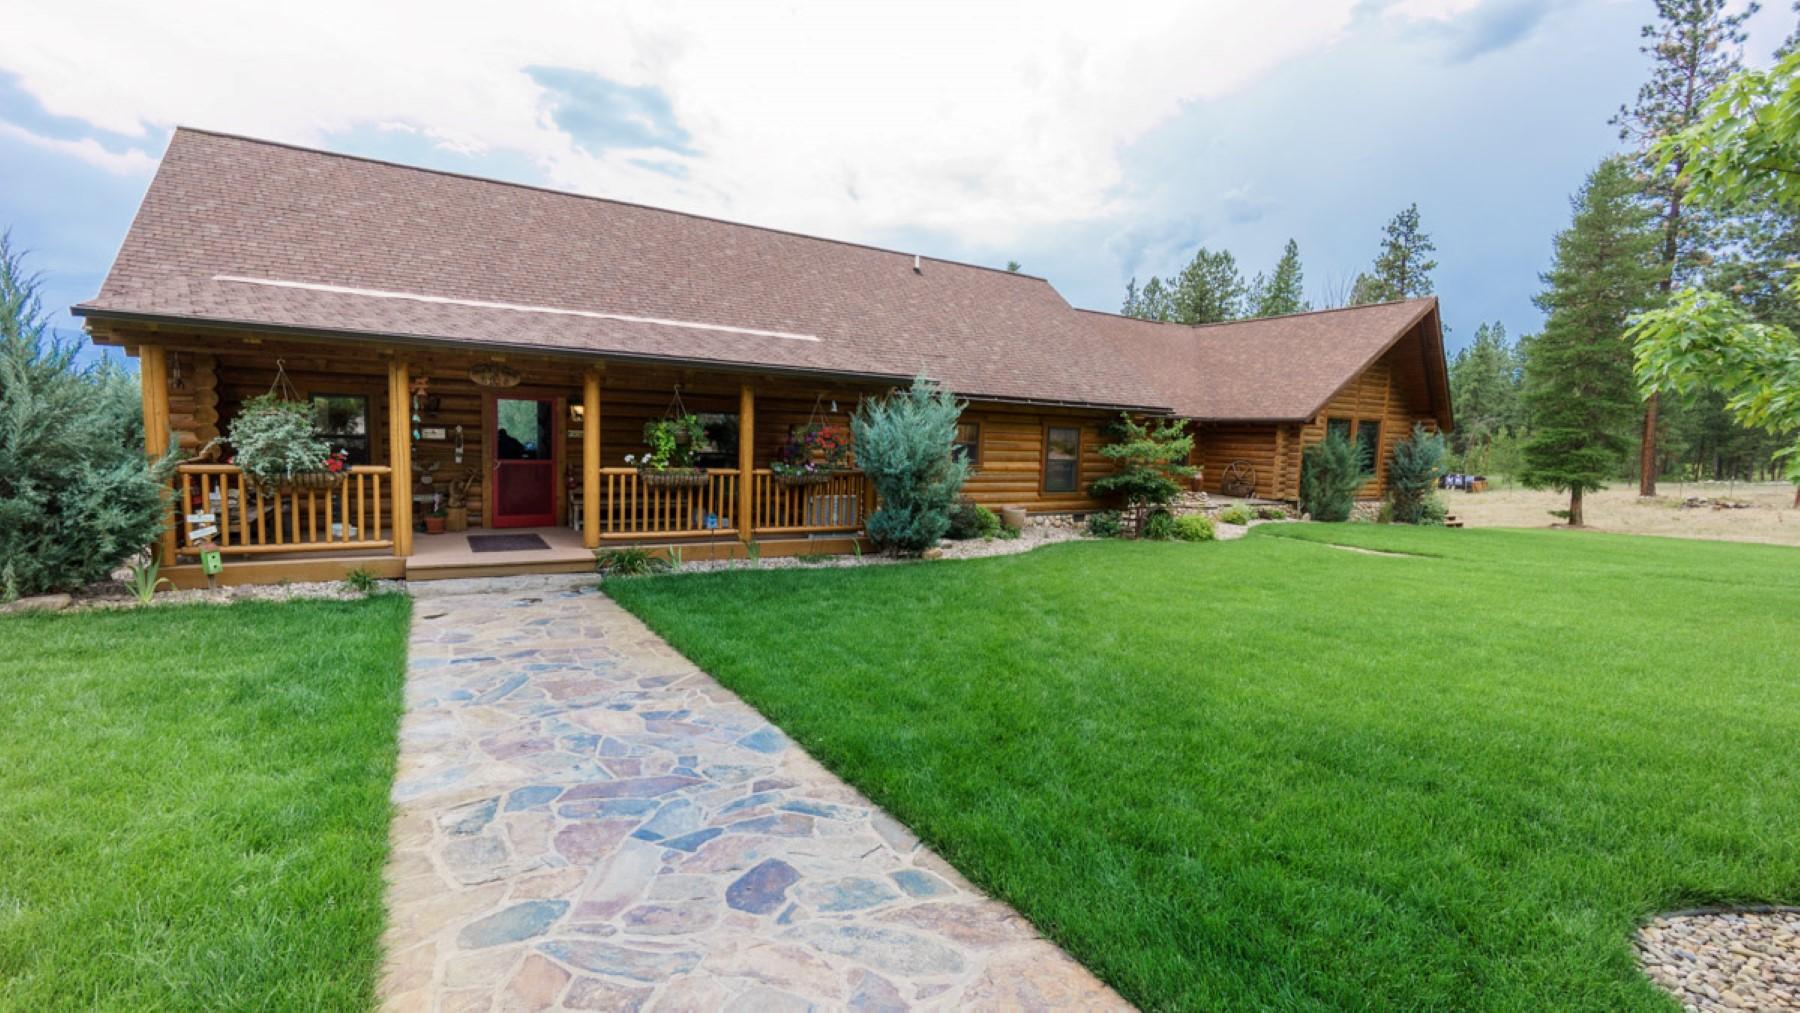 Casa Unifamiliar por un Venta en 20925 Spotted Fawn Rd , Huson, MT 59846 20925 Spotted Fawn Rd Huson, Montana, 59846 Estados Unidos